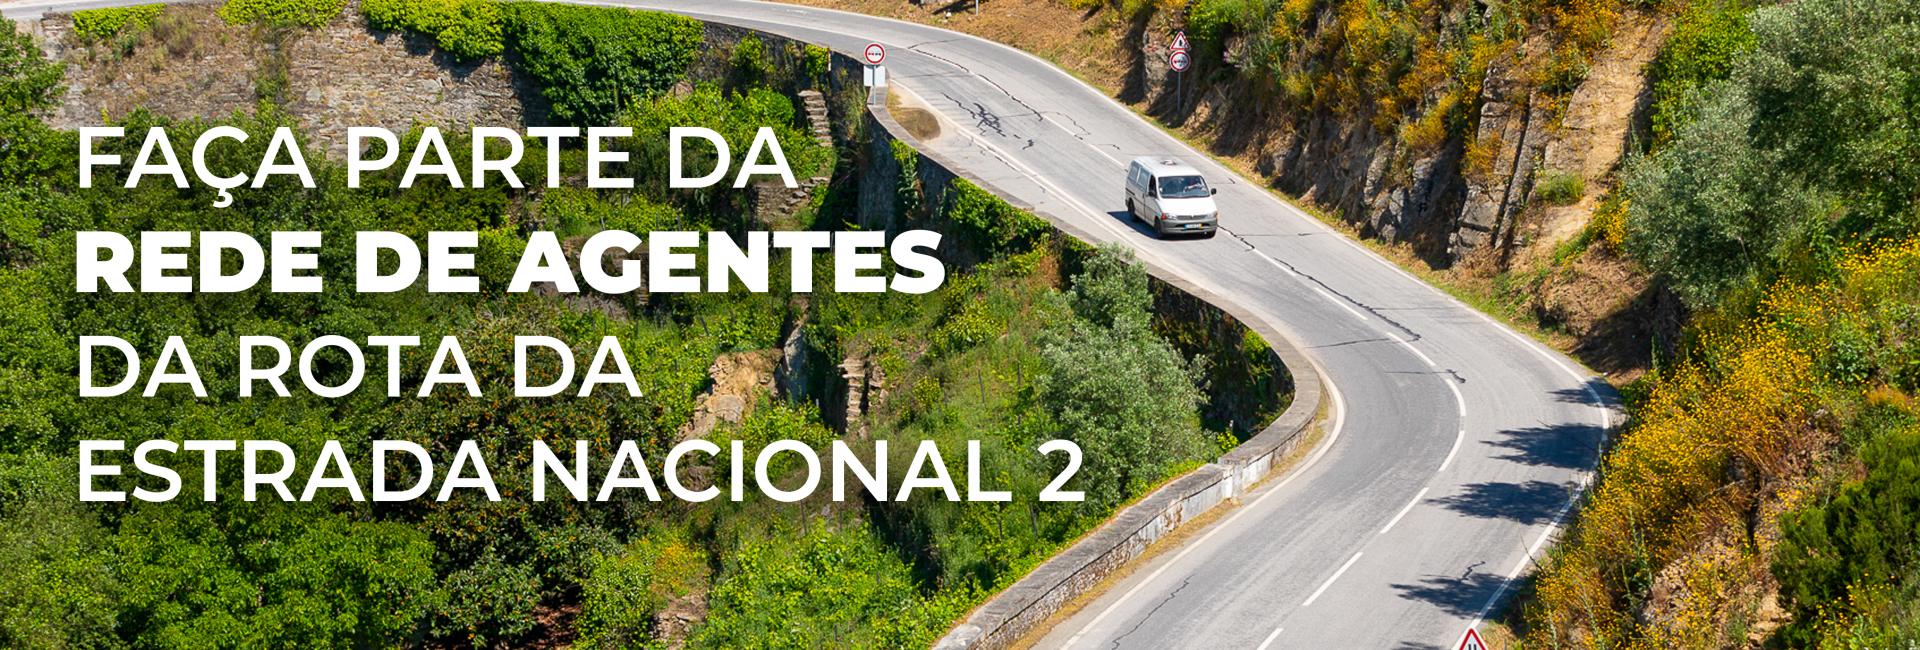 (Português) Rede de agentes da Rota da Nacional 2